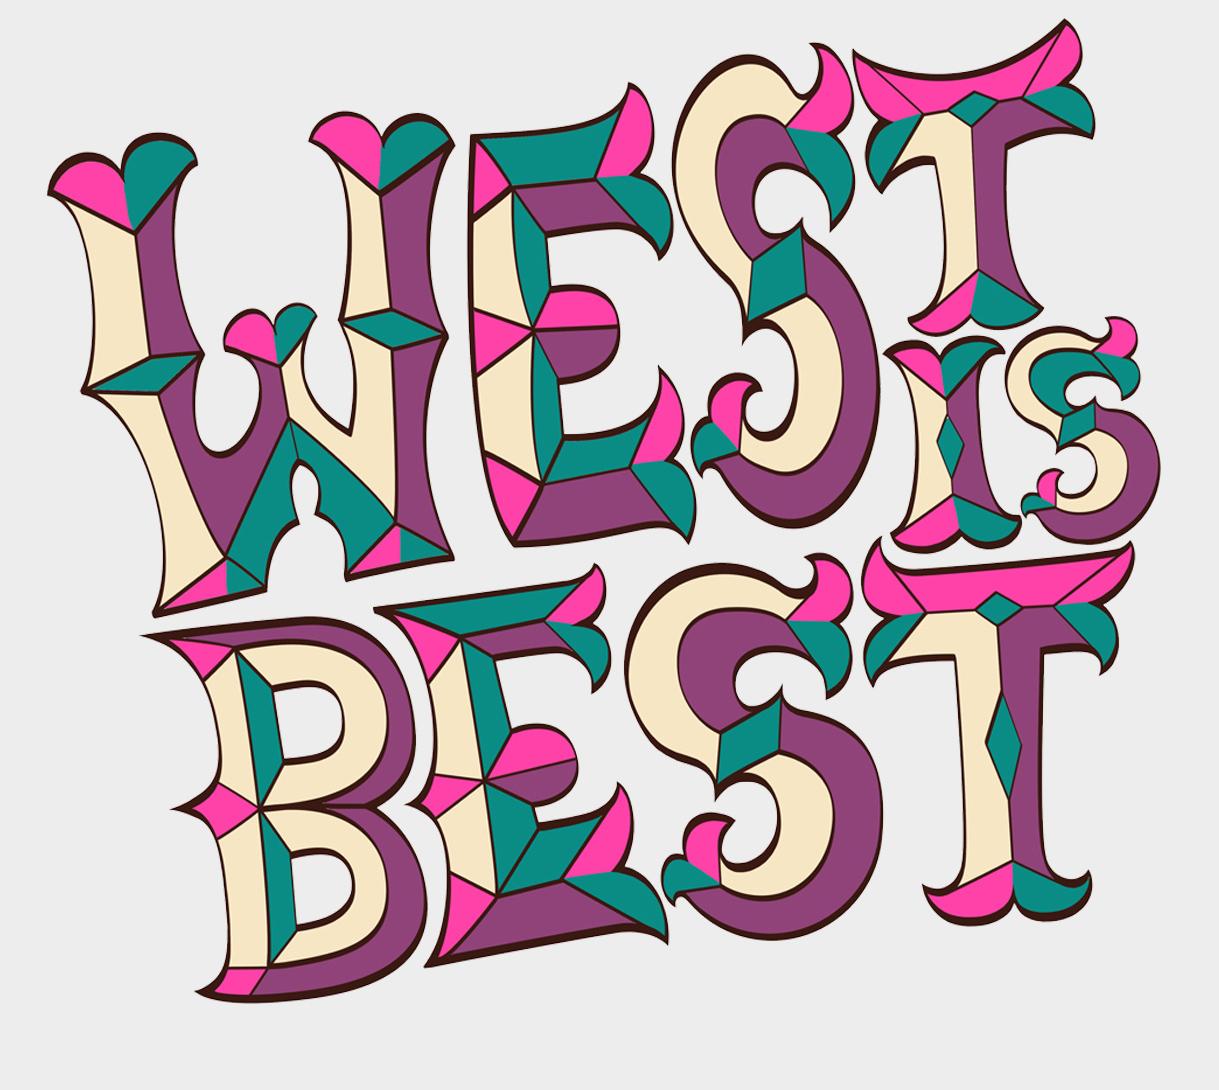 west is best.jpg